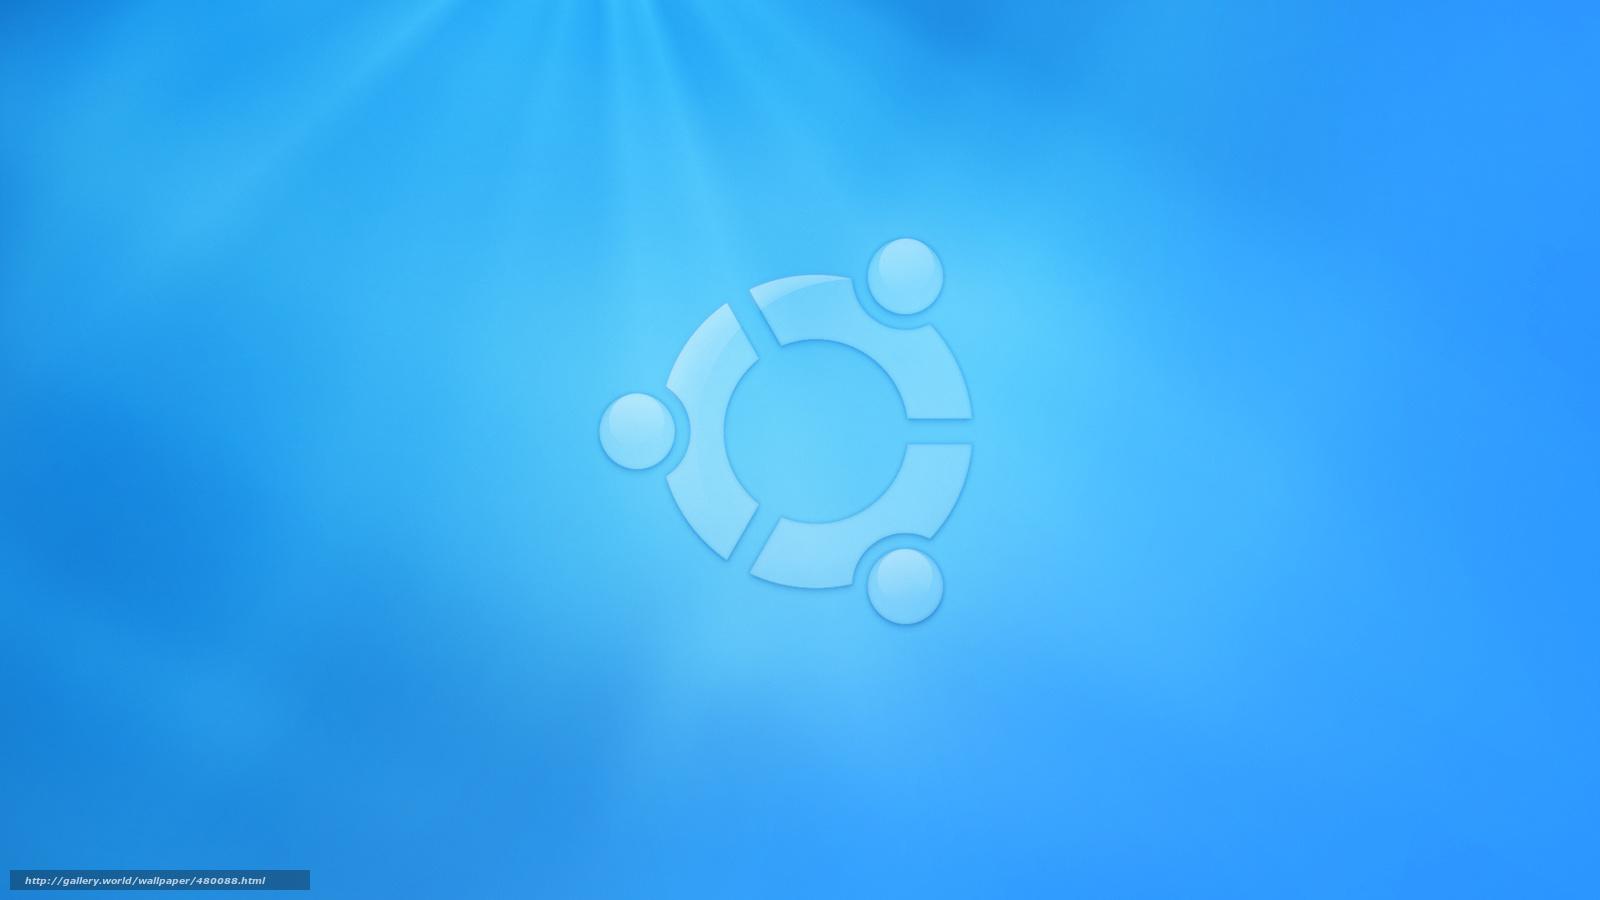 Tlcharger fond d 39 ecran ubuntu bleu bleu le systme d for Photo ecran ubuntu